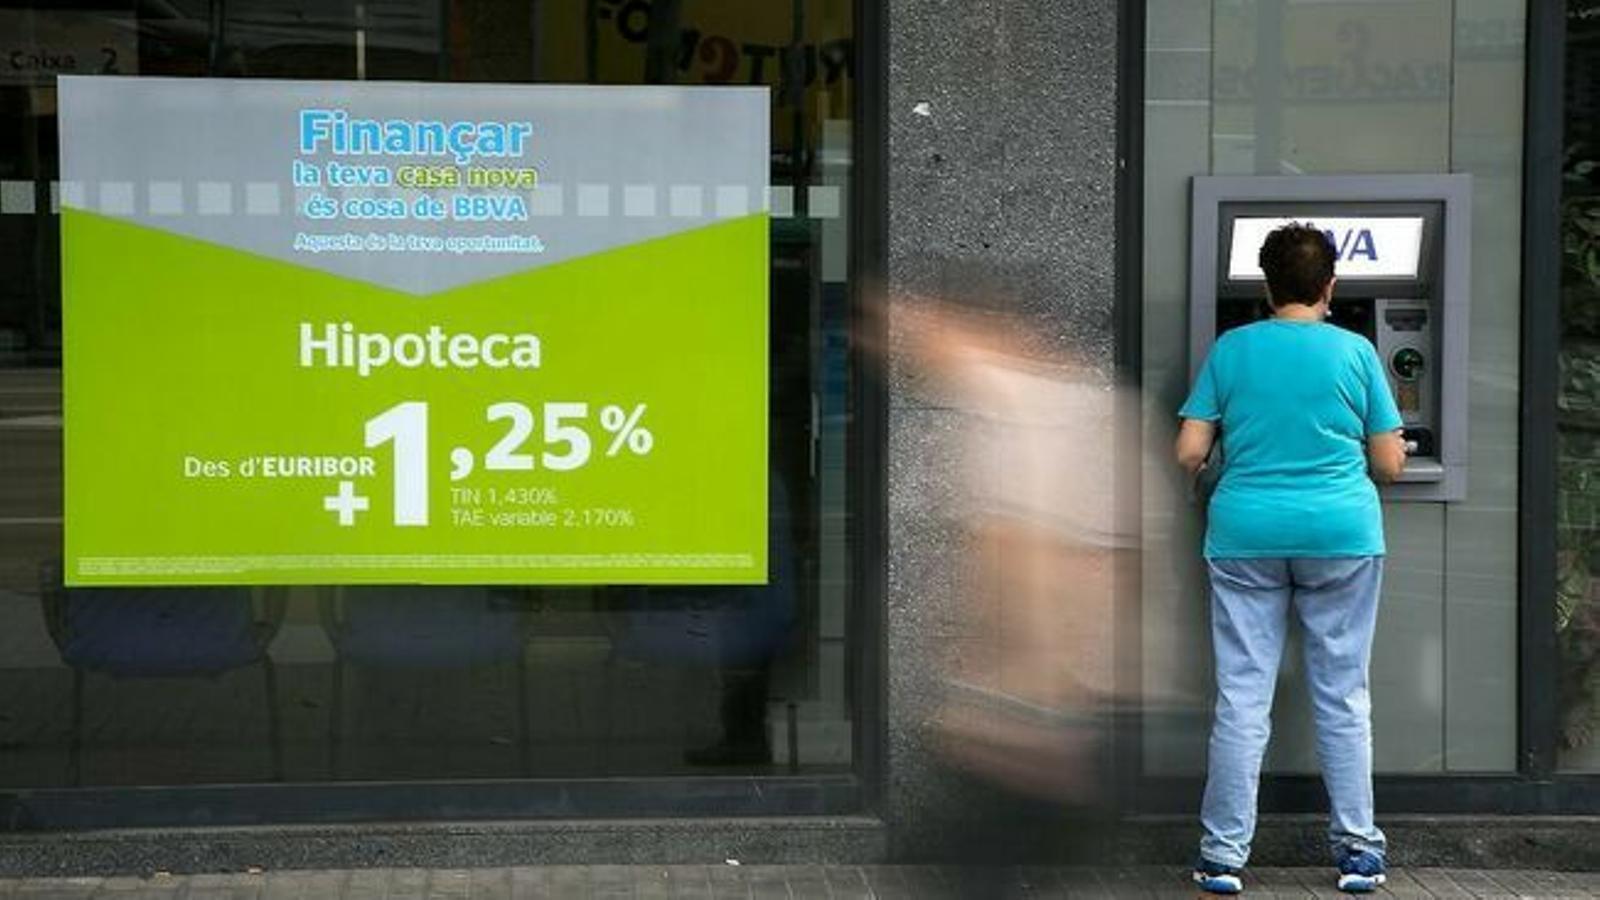 L'IRPH és un índex per al càlculs dels préstecs hipotecaris  que afecta unes 760.000 hipoteques de tot l'estat espanyol